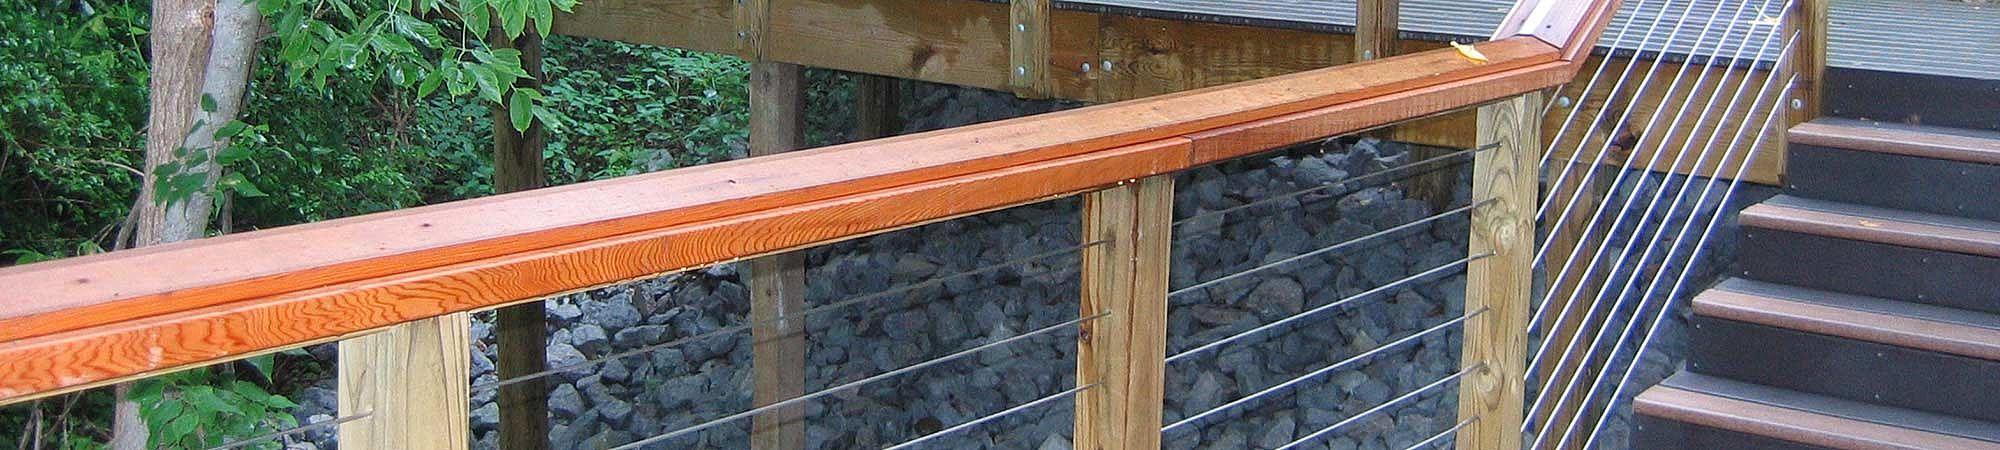 Geländer I-SYS Edelstahl-Seilsystem